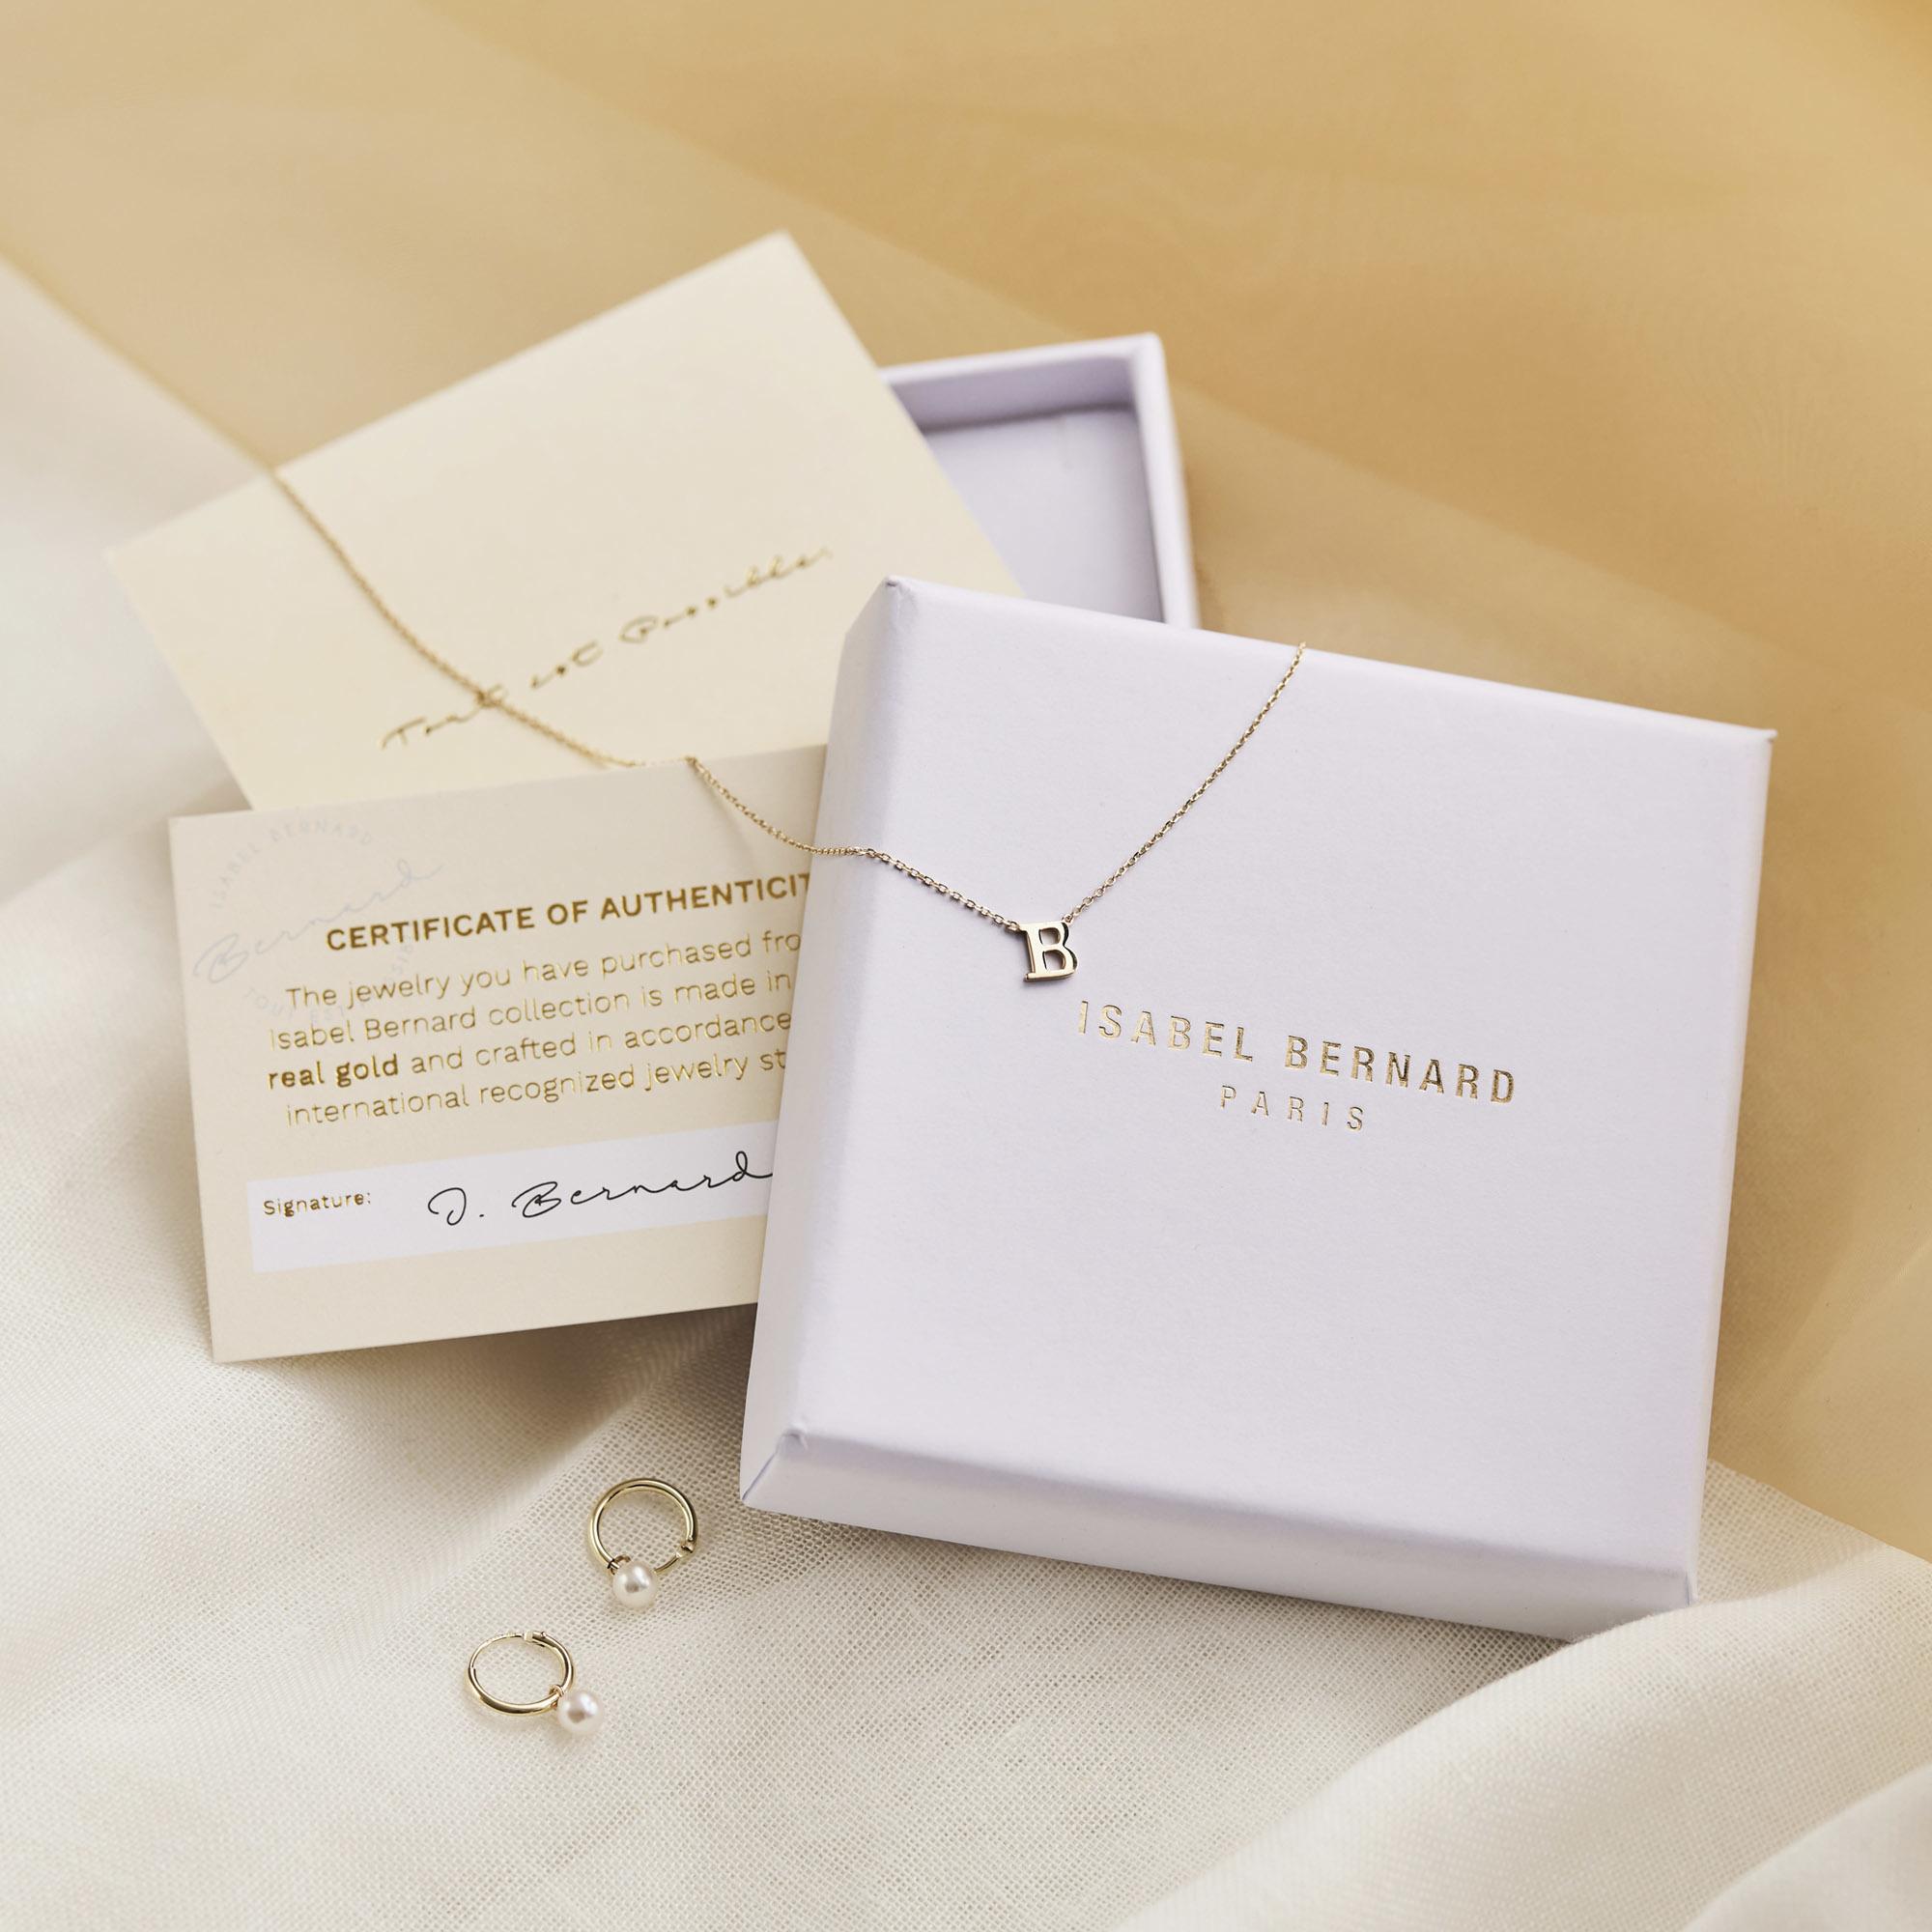 Isabel Bernard Belleville Amore 14 karat gold bracelet with heart